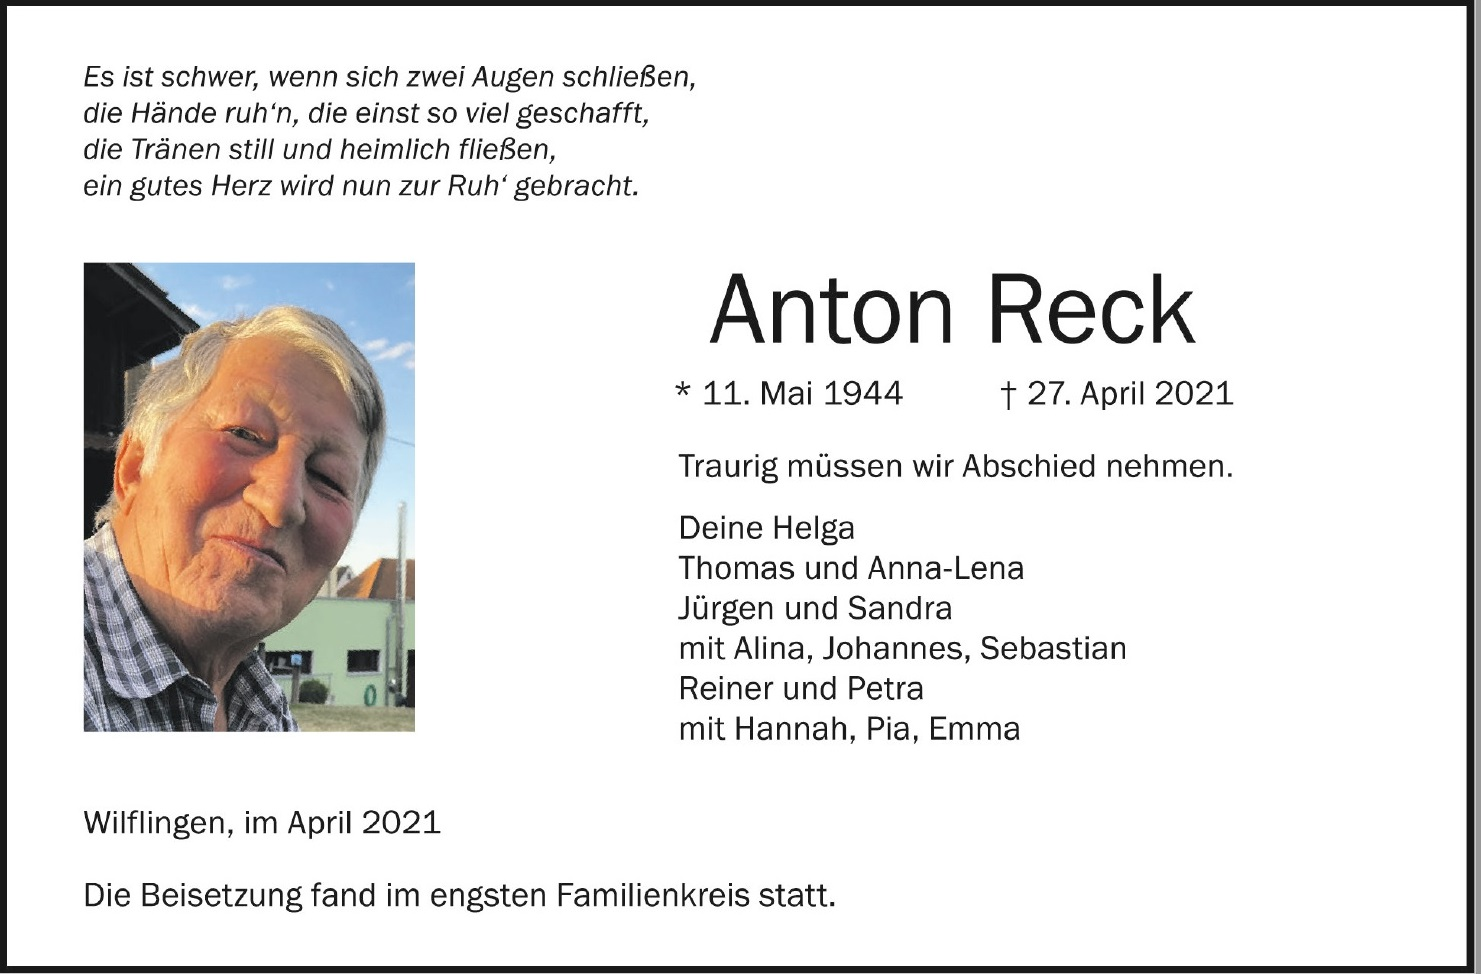 Traueranzeige Anton Reck